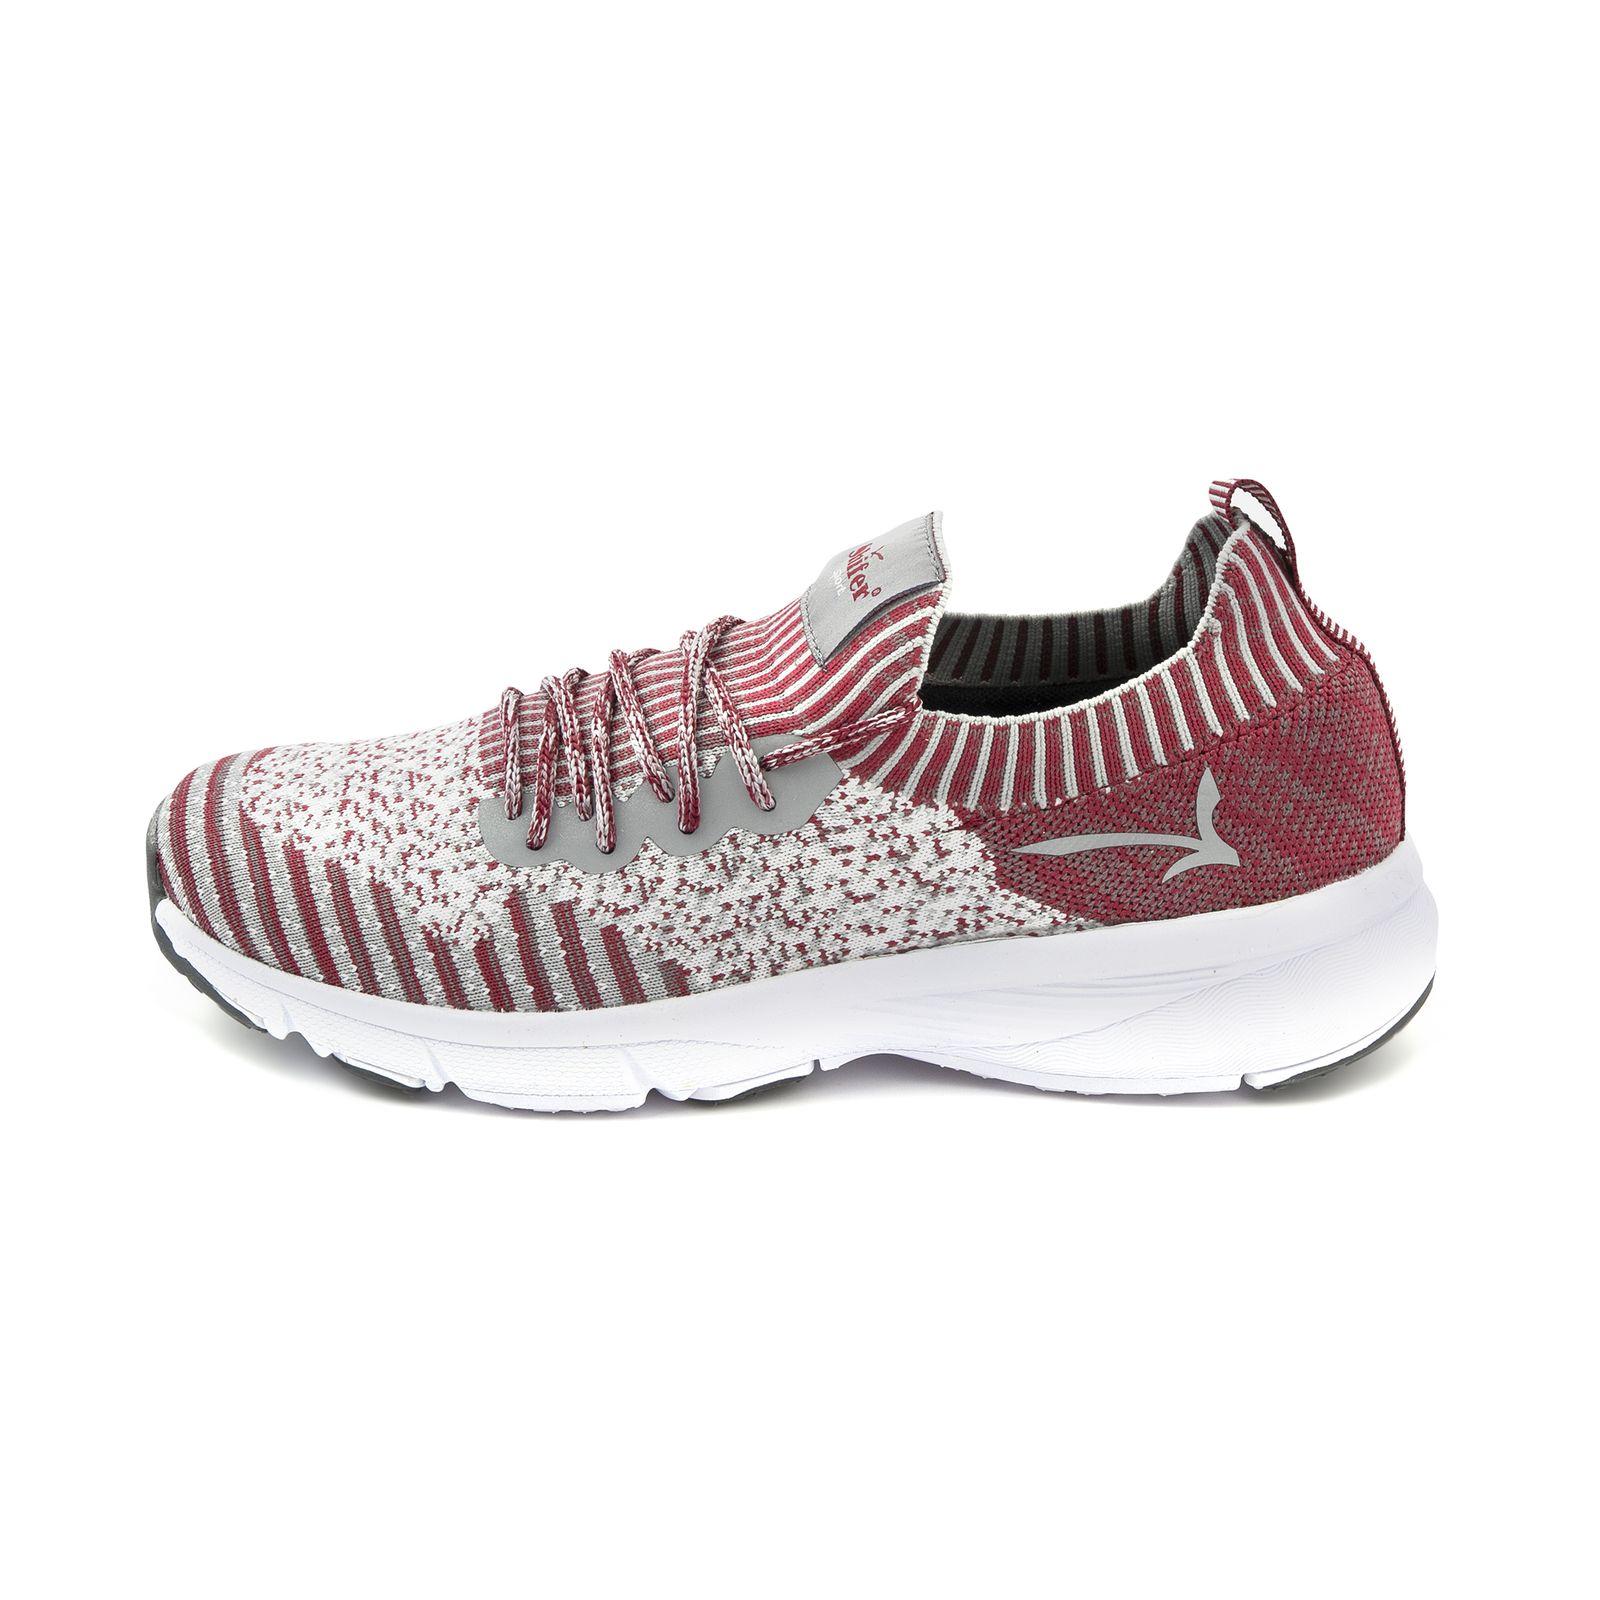 کفش پیاده روی زنانه شیفر مدل 5s03a-11 -  - 2